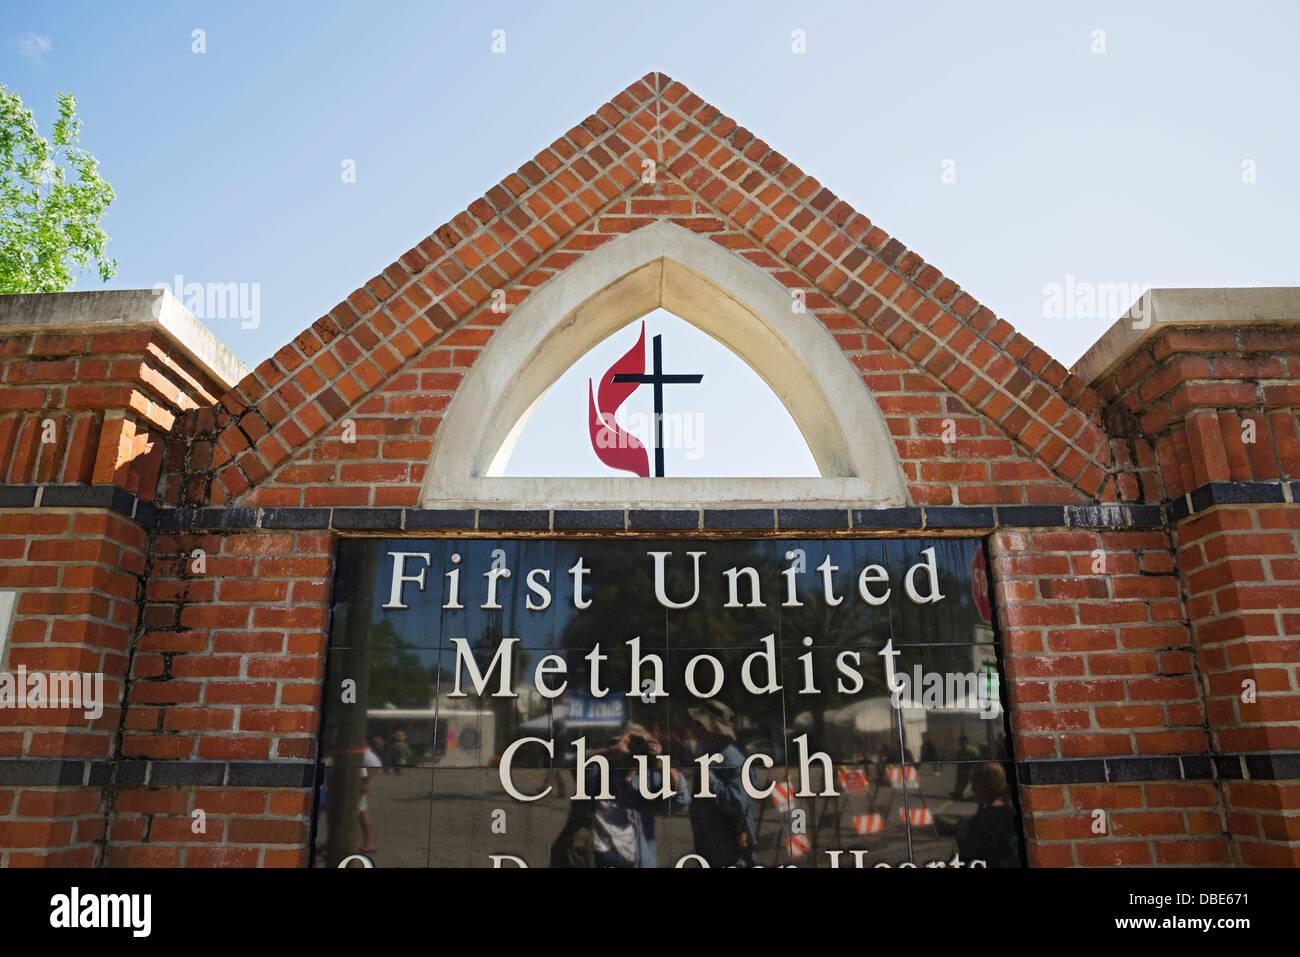 First united methodist church in gainesville florida stock photo first united methodist church in gainesville florida biocorpaavc Choice Image